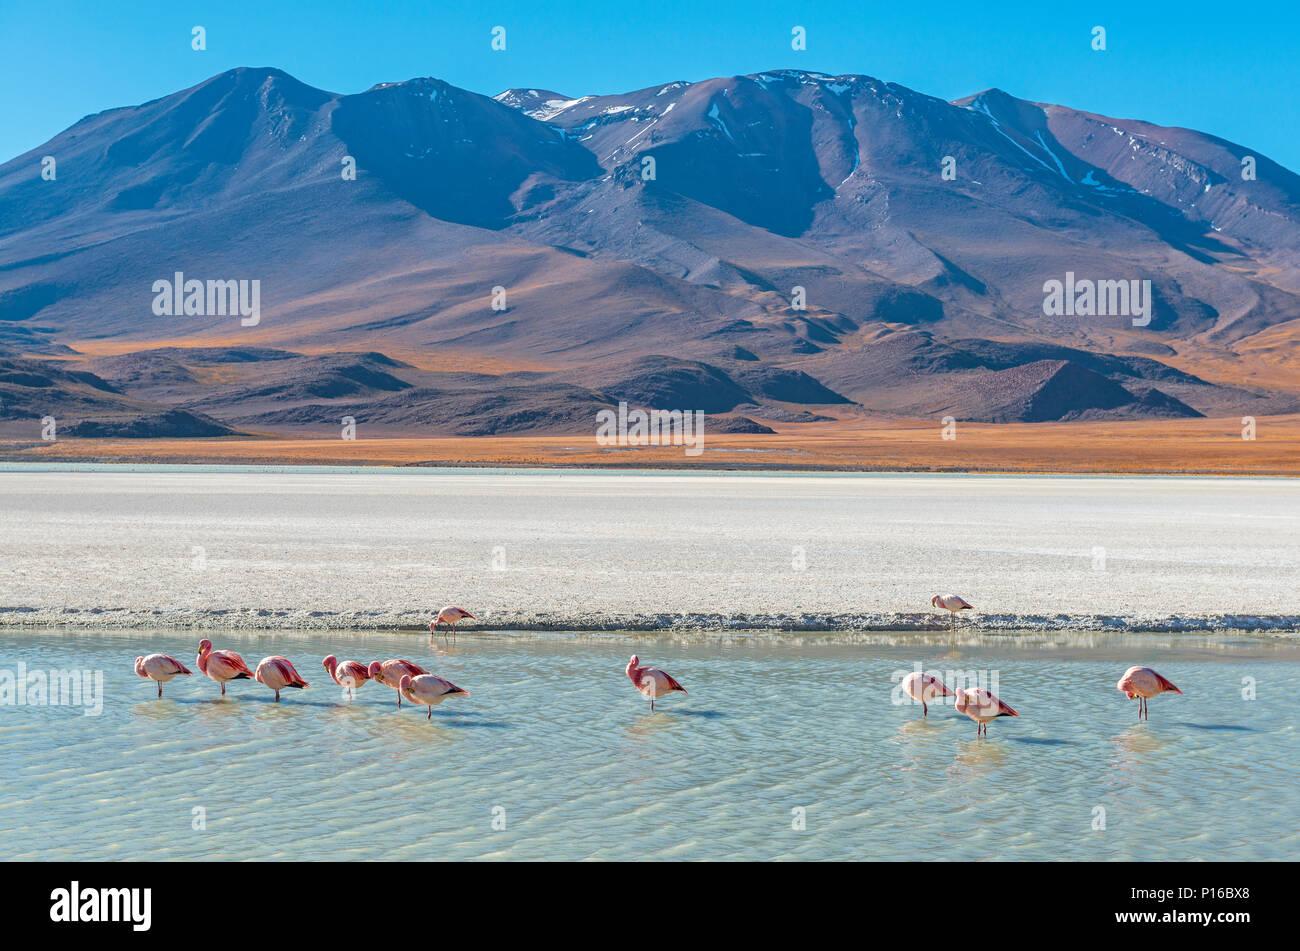 Photographie de paysage avec quelques centaines de flamants du Chili et James dans la lagune Canapa dans la gamme de montagne des Andes près de la télévision sel Uyuni, Bolivie Photo Stock